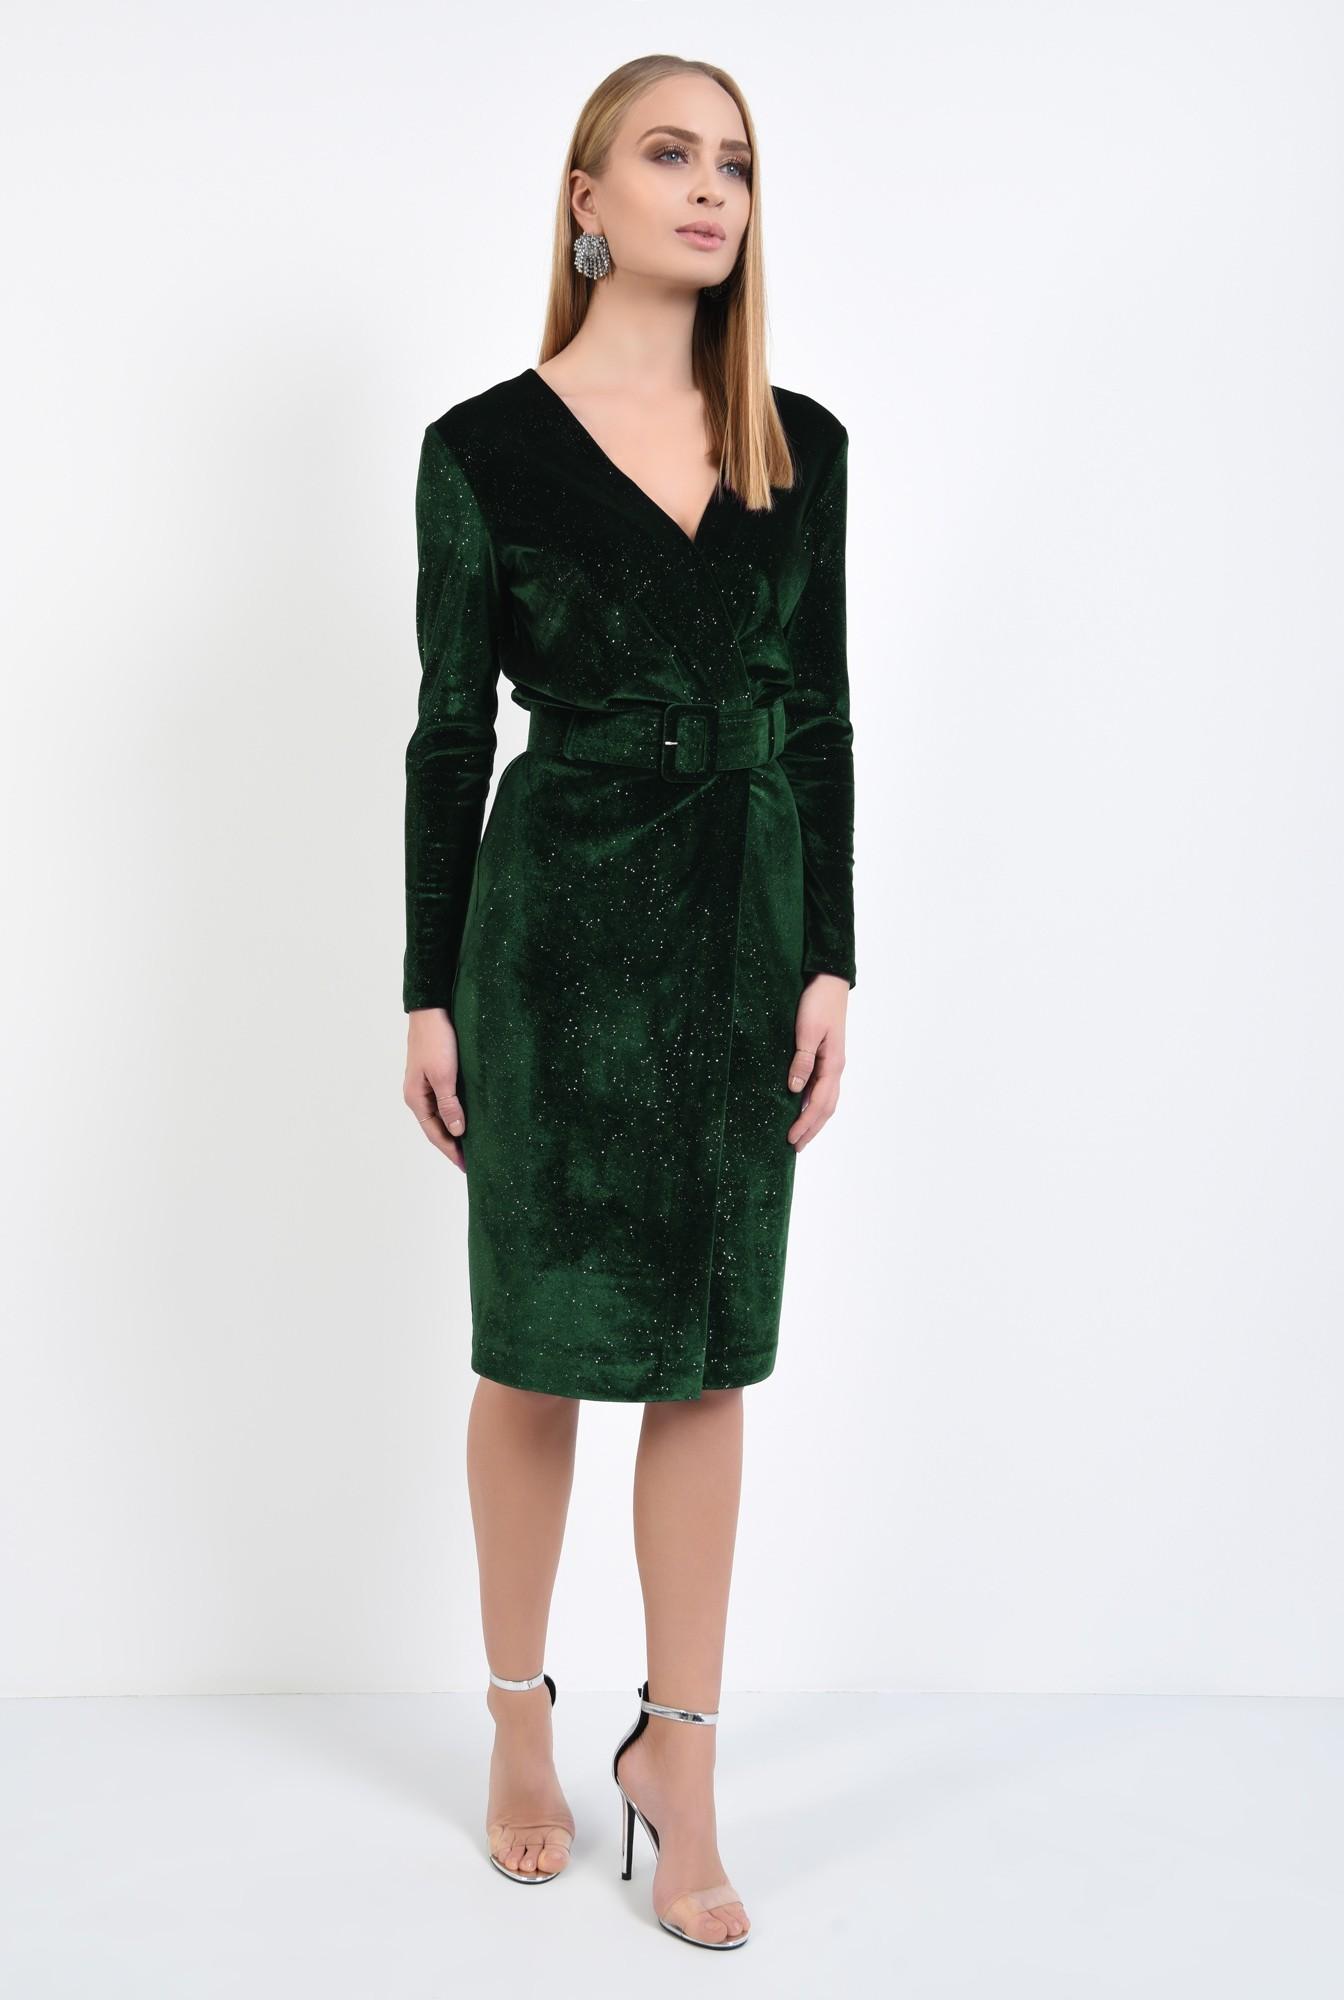 3 - rochie de ocazie, verde, din catifea, cu sclipici